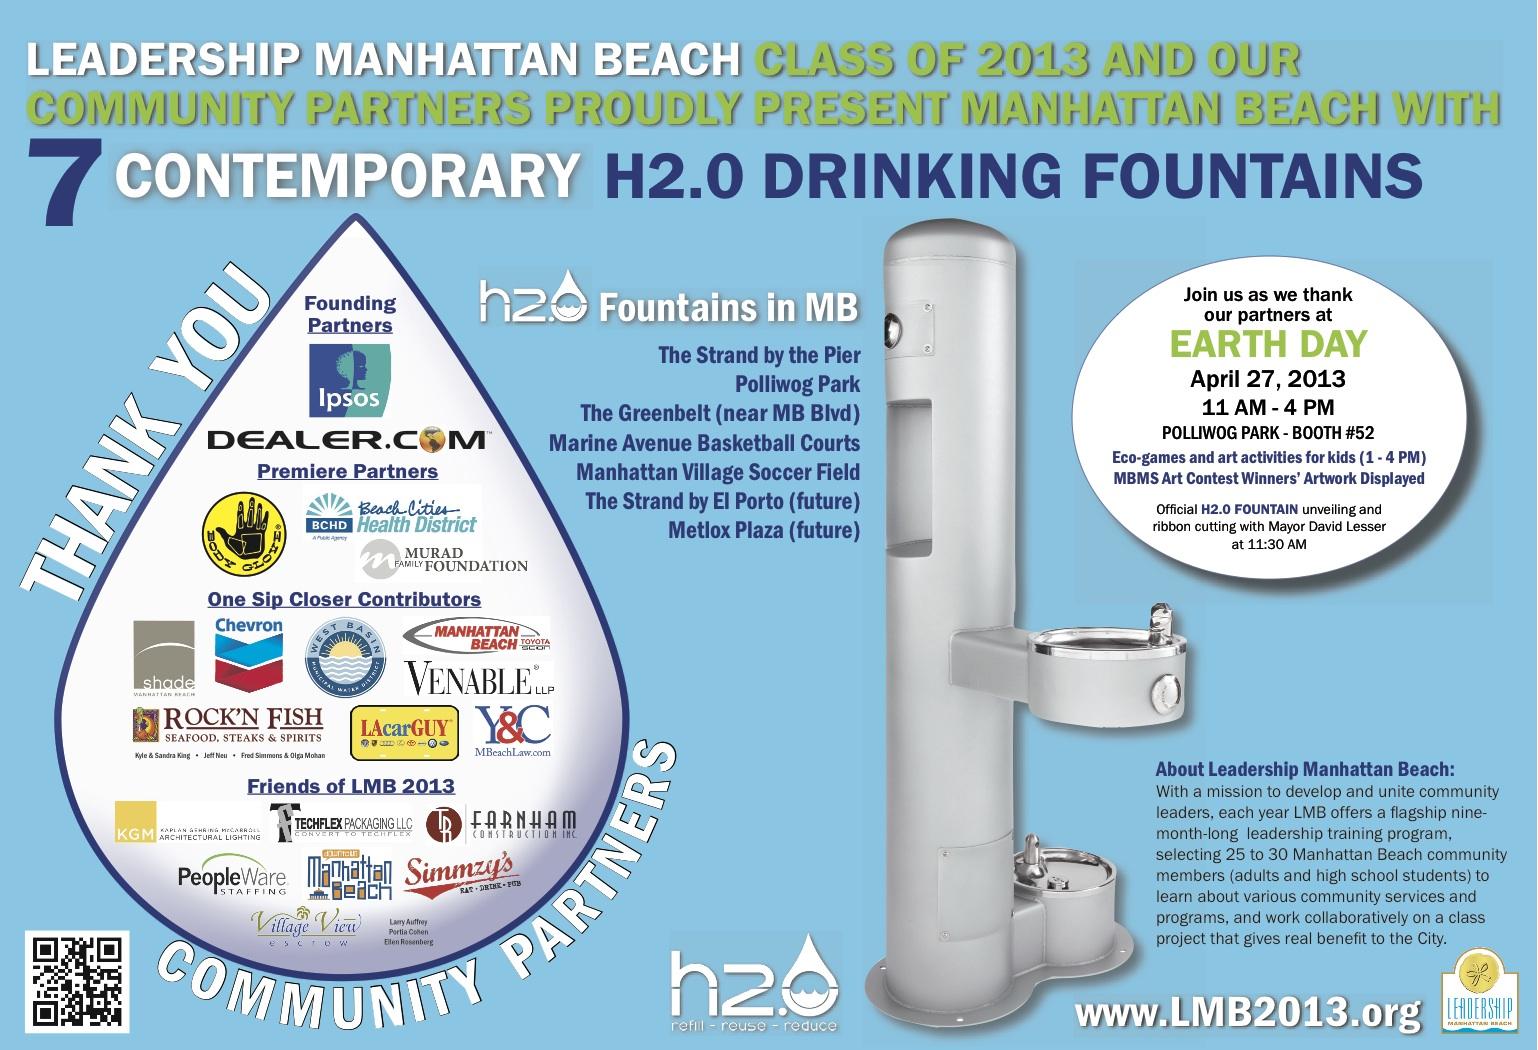 manhattan-beach-h20-fountains